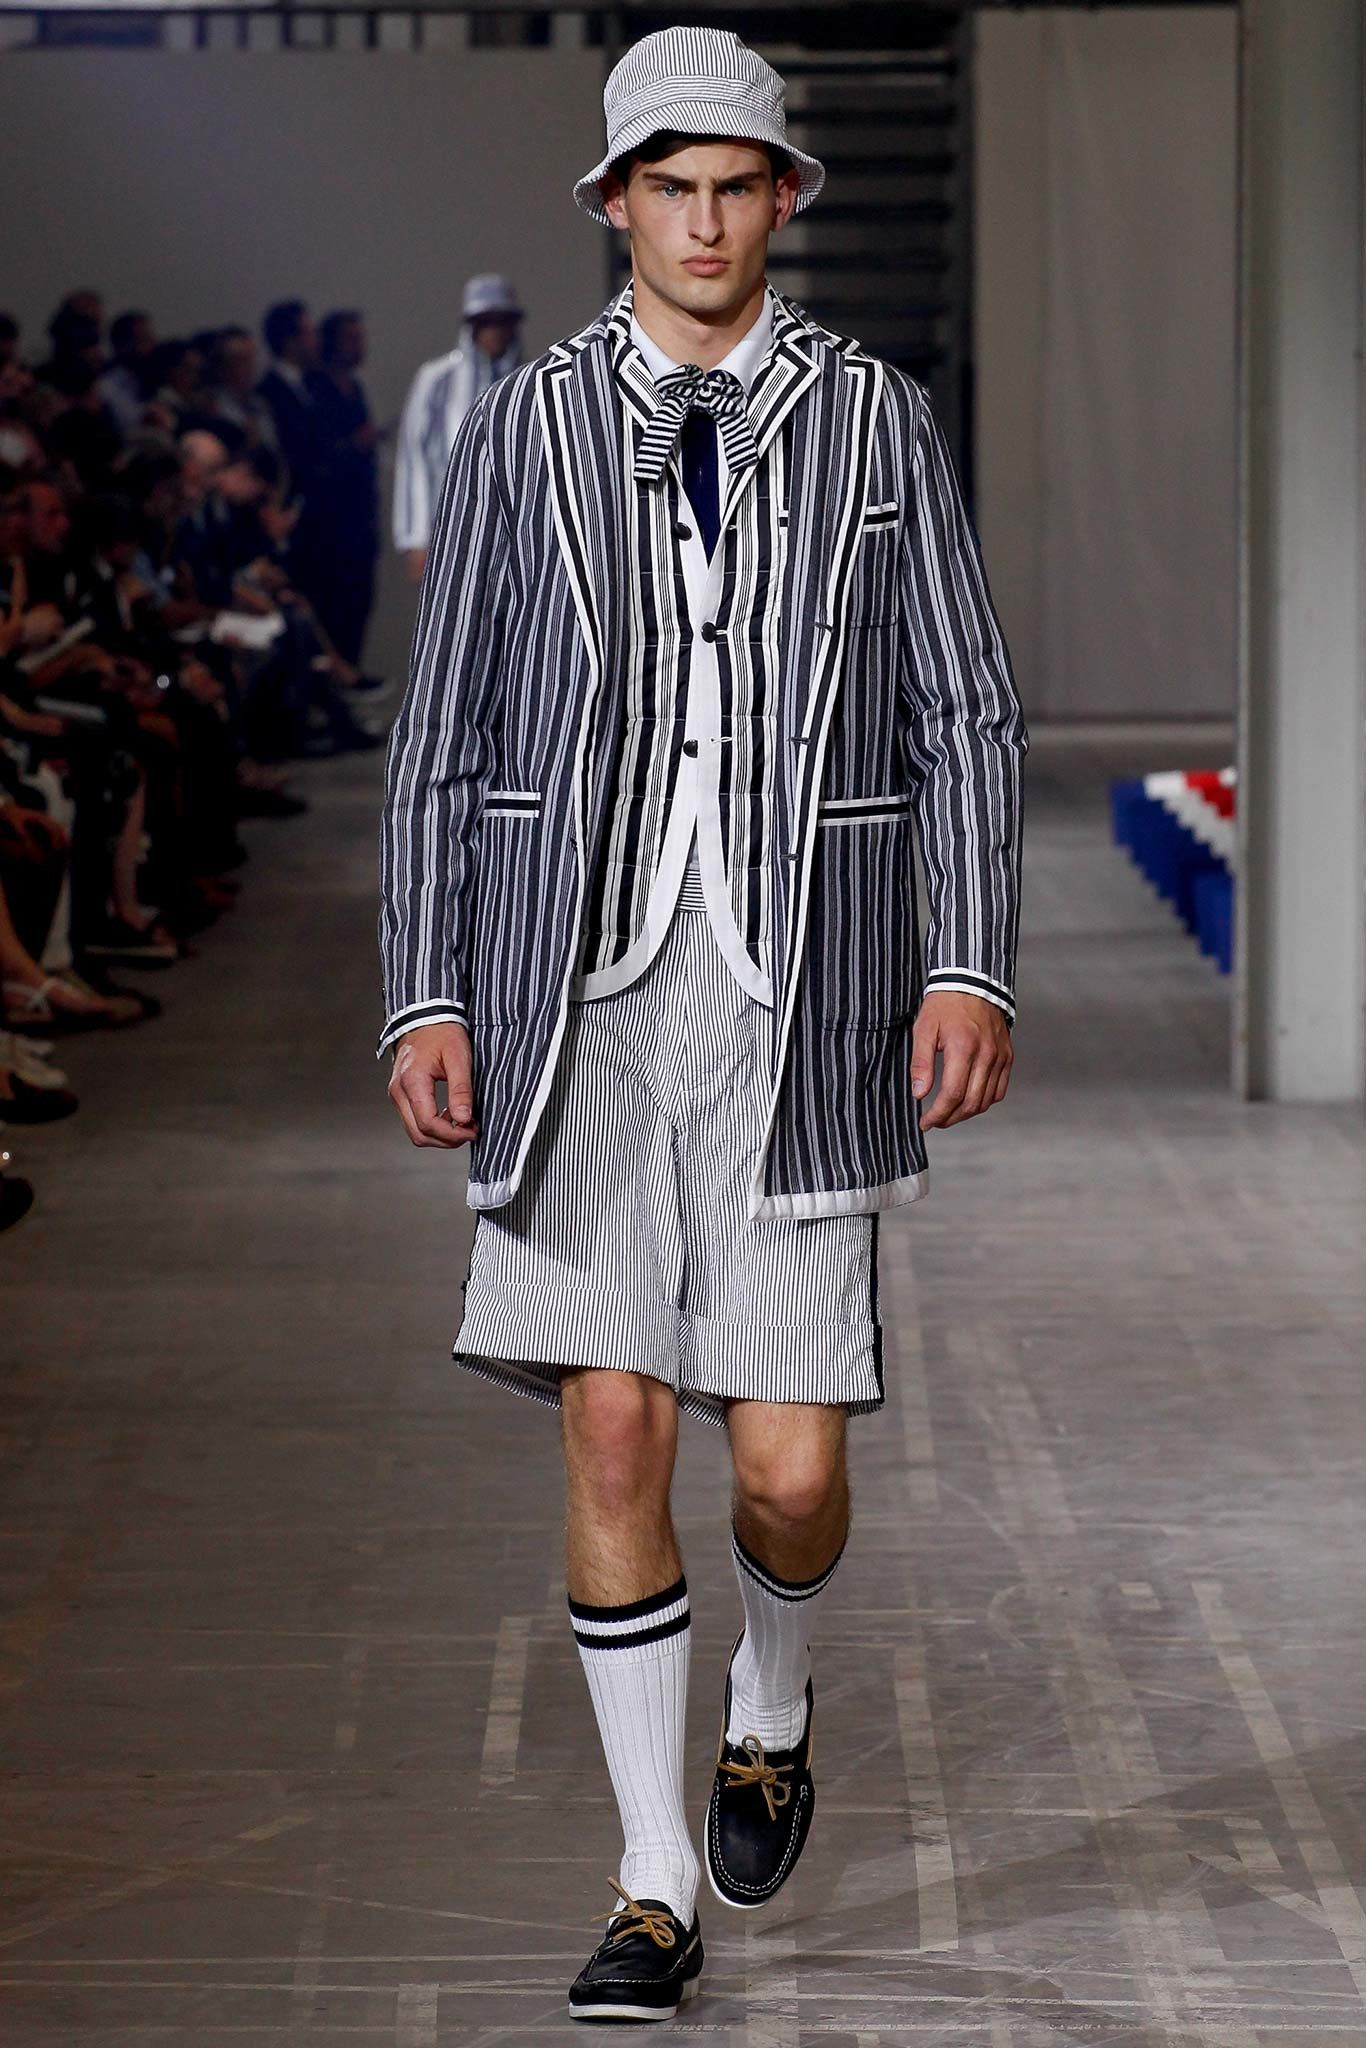 Moncler Gamme Bleu Spring 2016 Menswear Collection Photos - Vogue